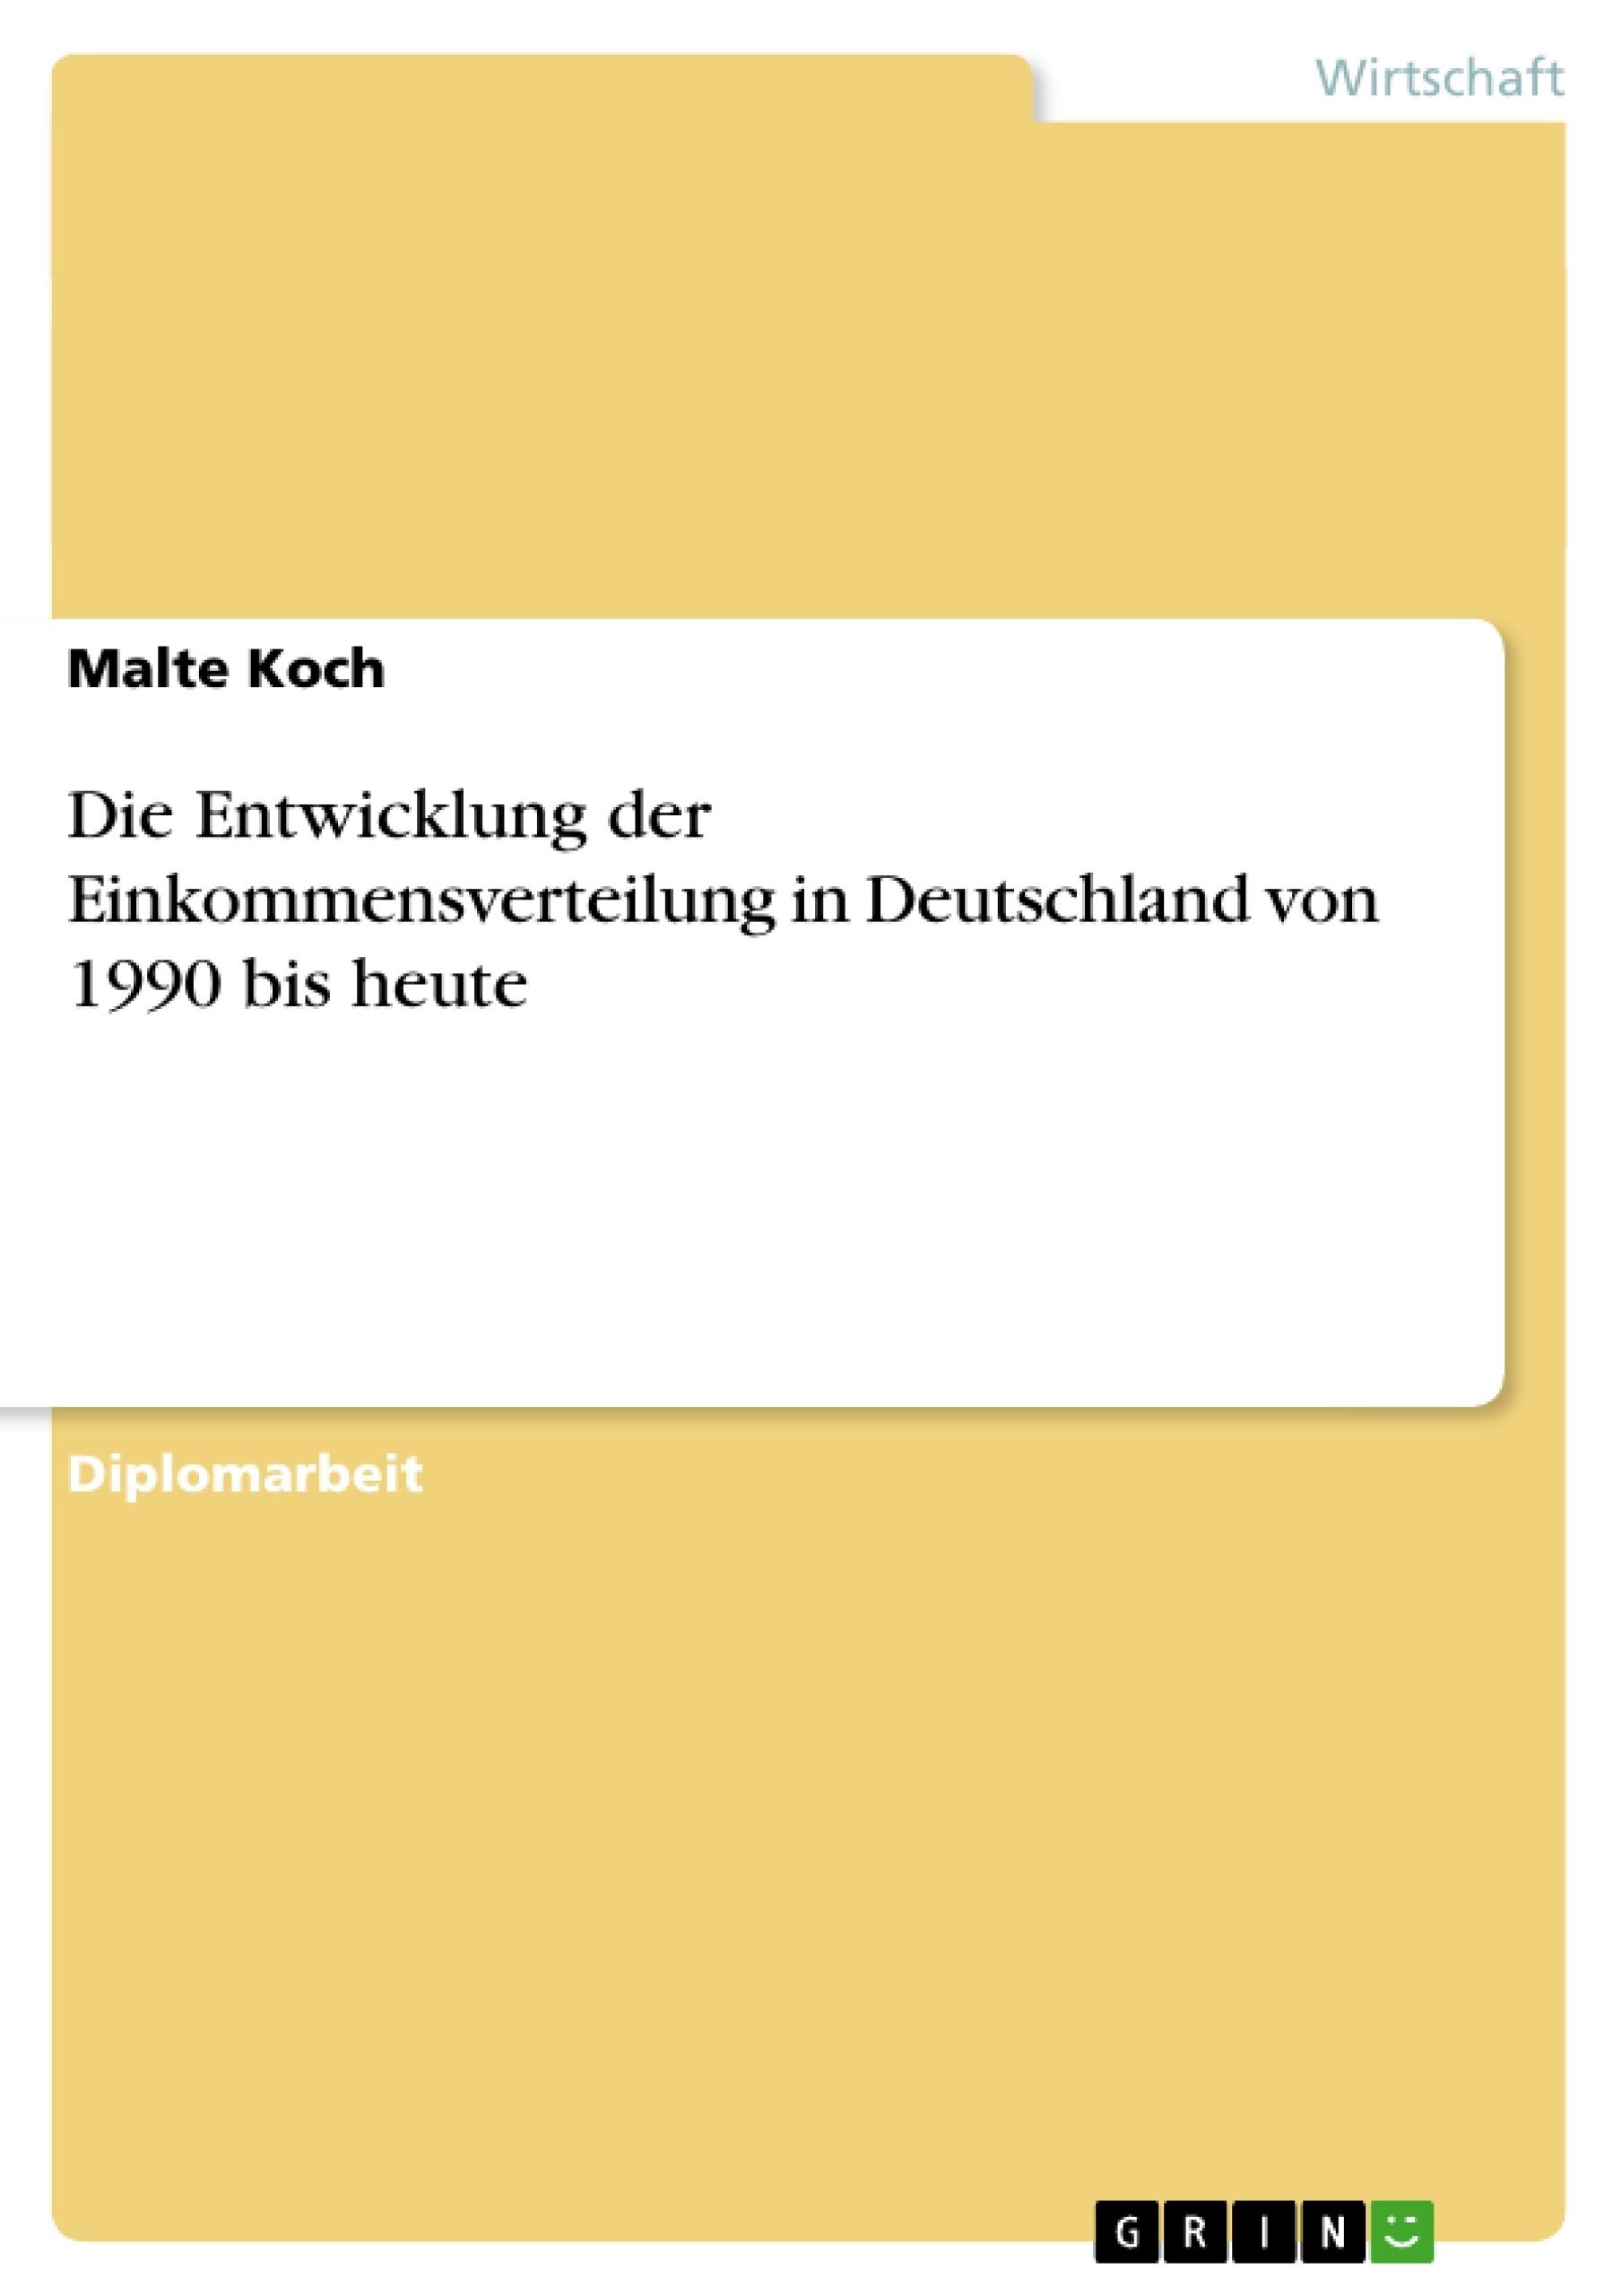 Titel: Die Entwicklung der Einkommensverteilung in Deutschland von 1990 bis heute